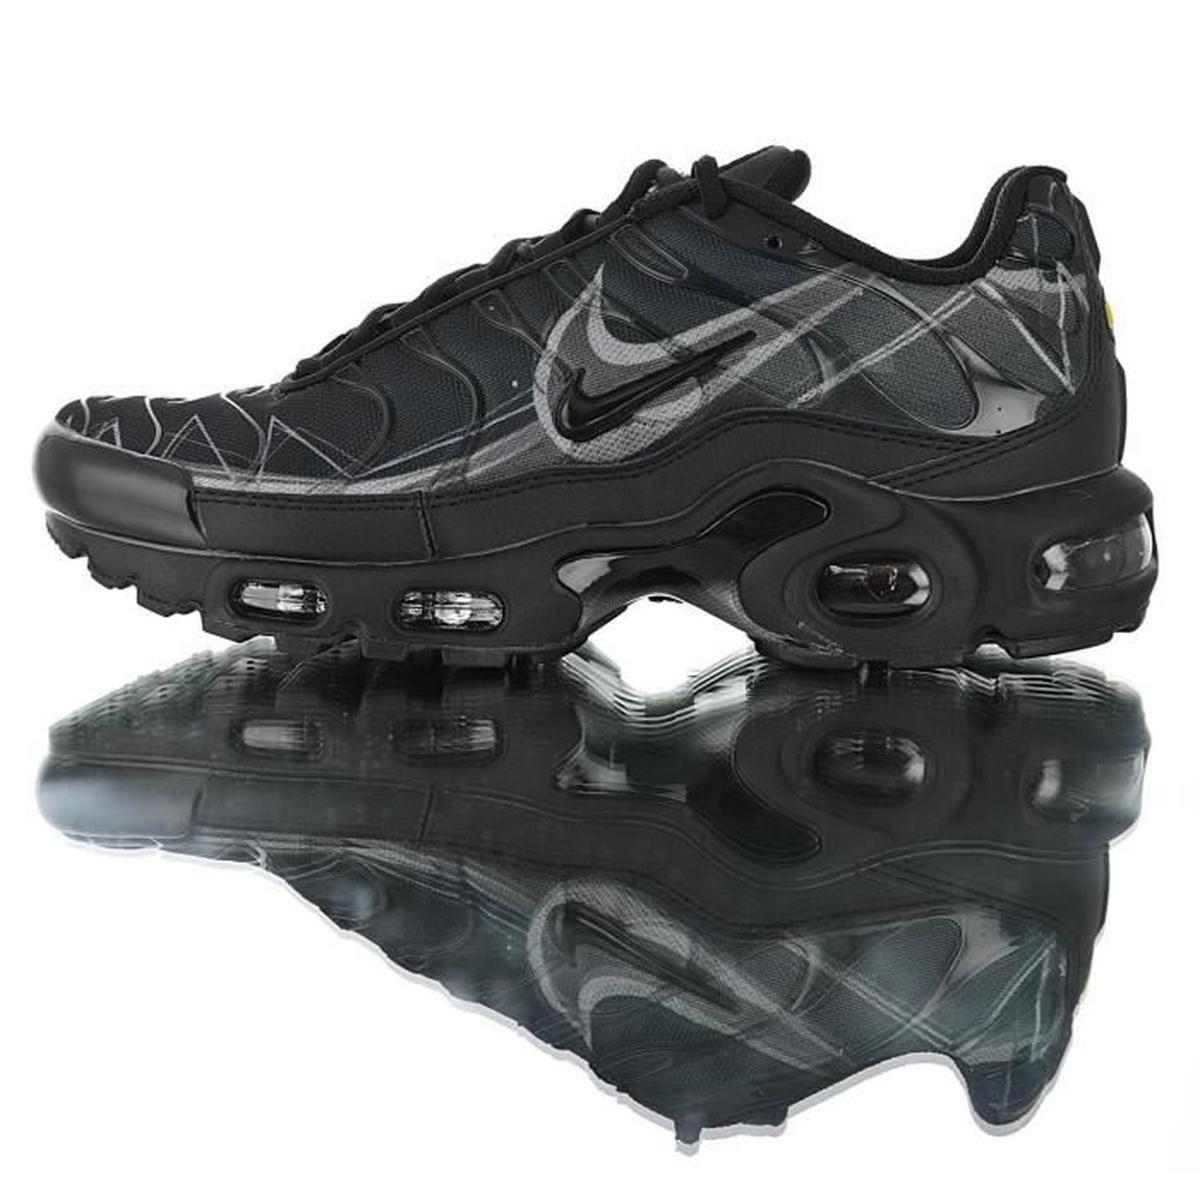 Nike Air Max Tn Plus,Chaussure Nike Air Max Plus III pour Homme ...